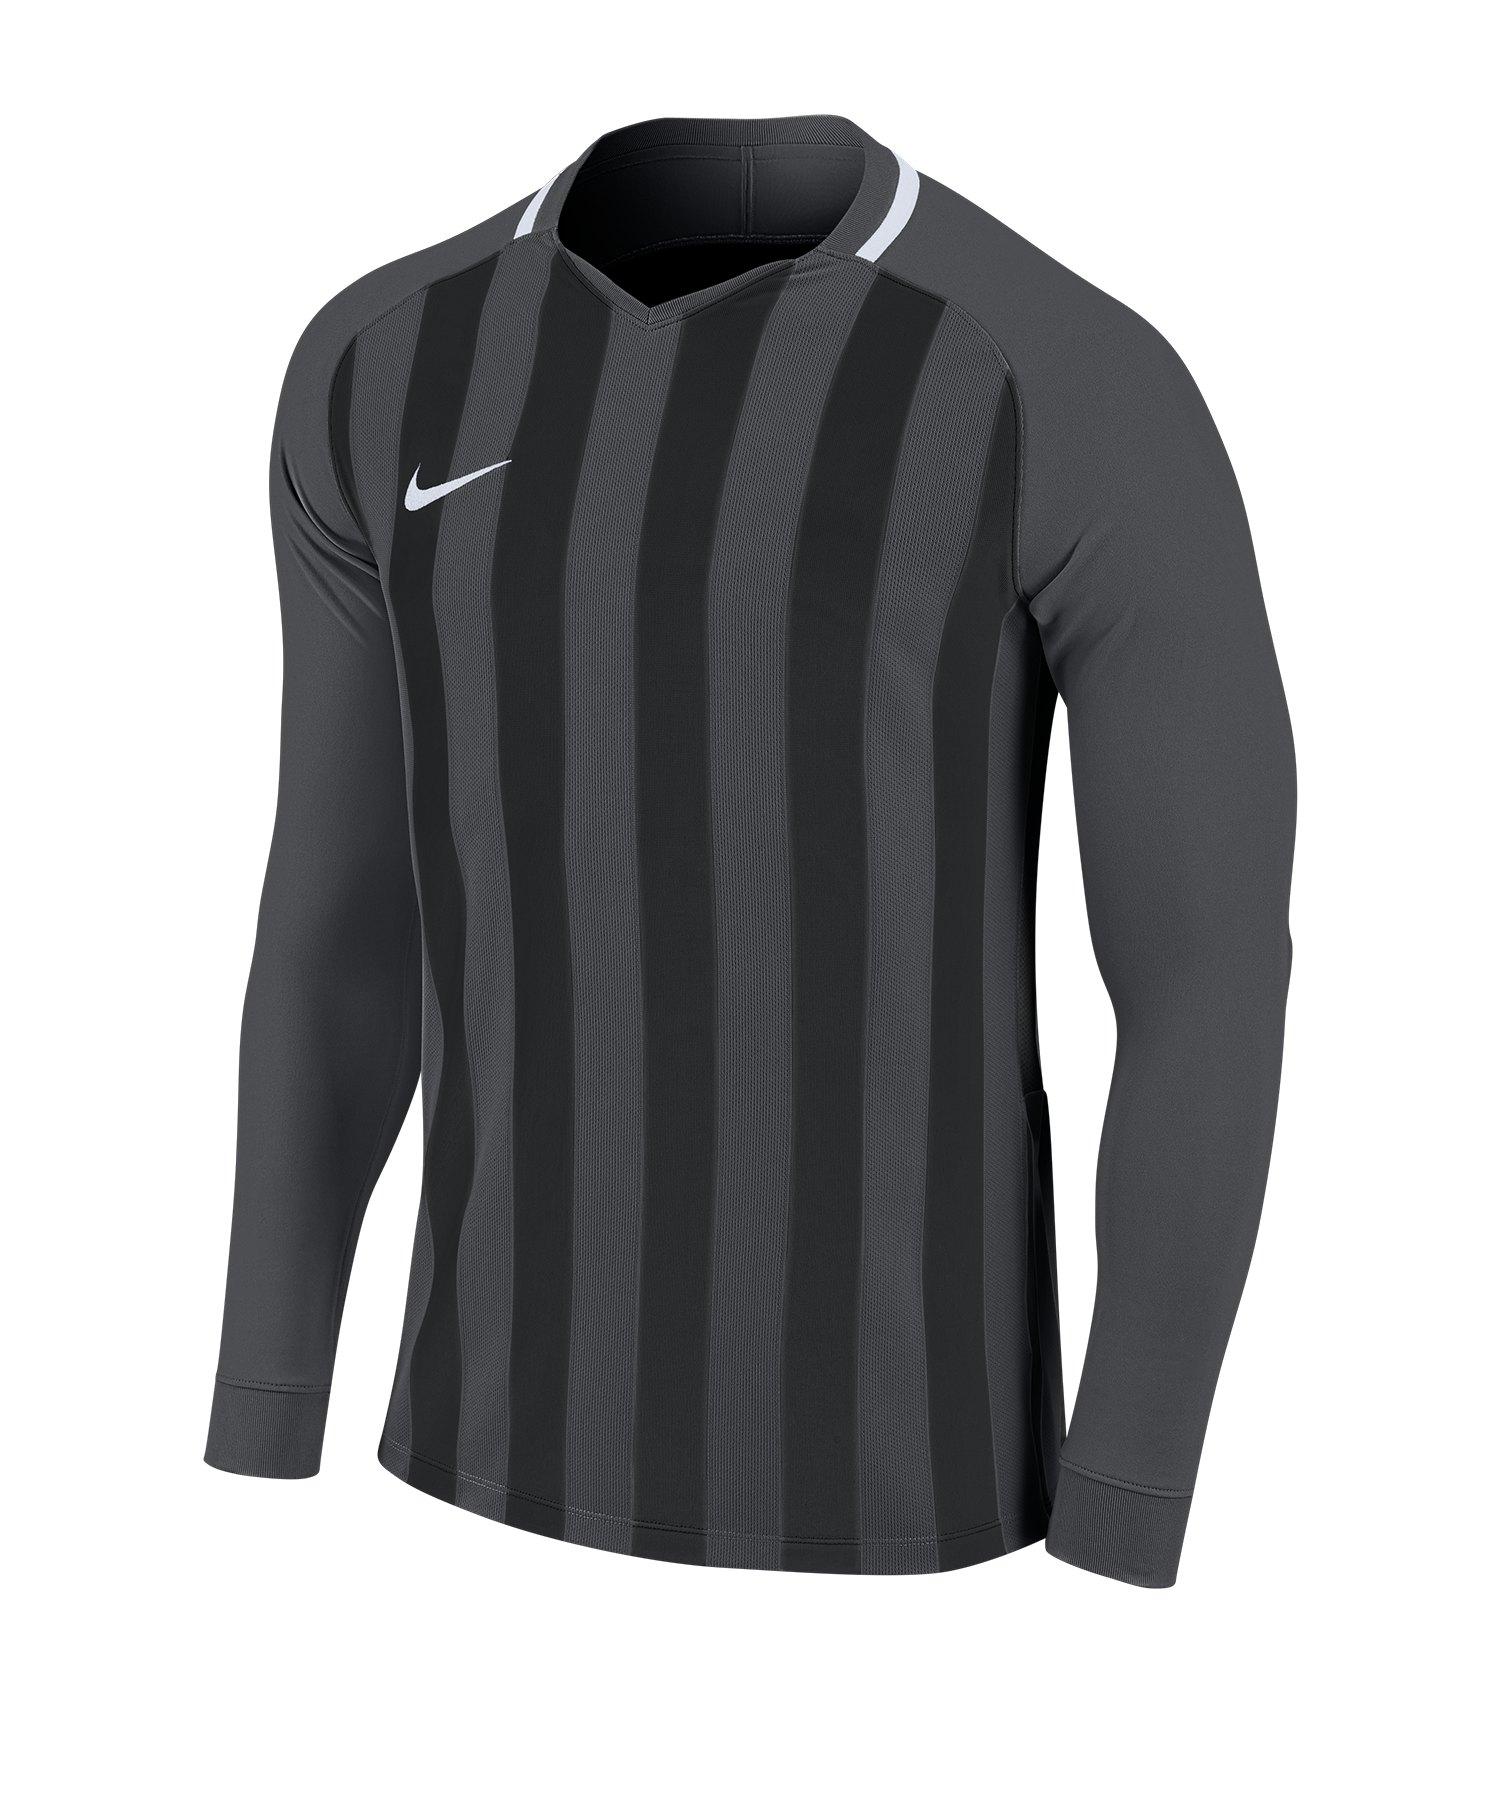 Nike Striped Division III Trikot langarm F060 - grau